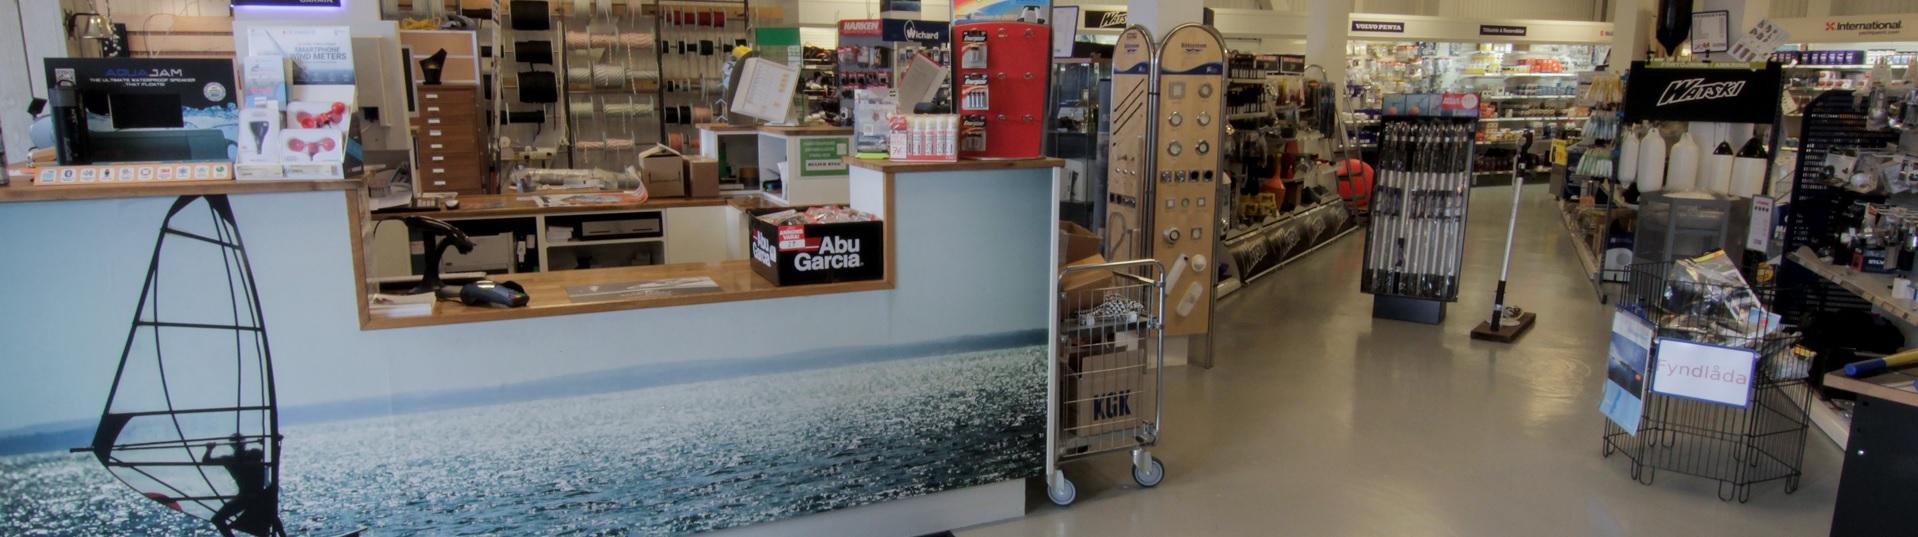 watski-tillbehörsbutik-karlskrona